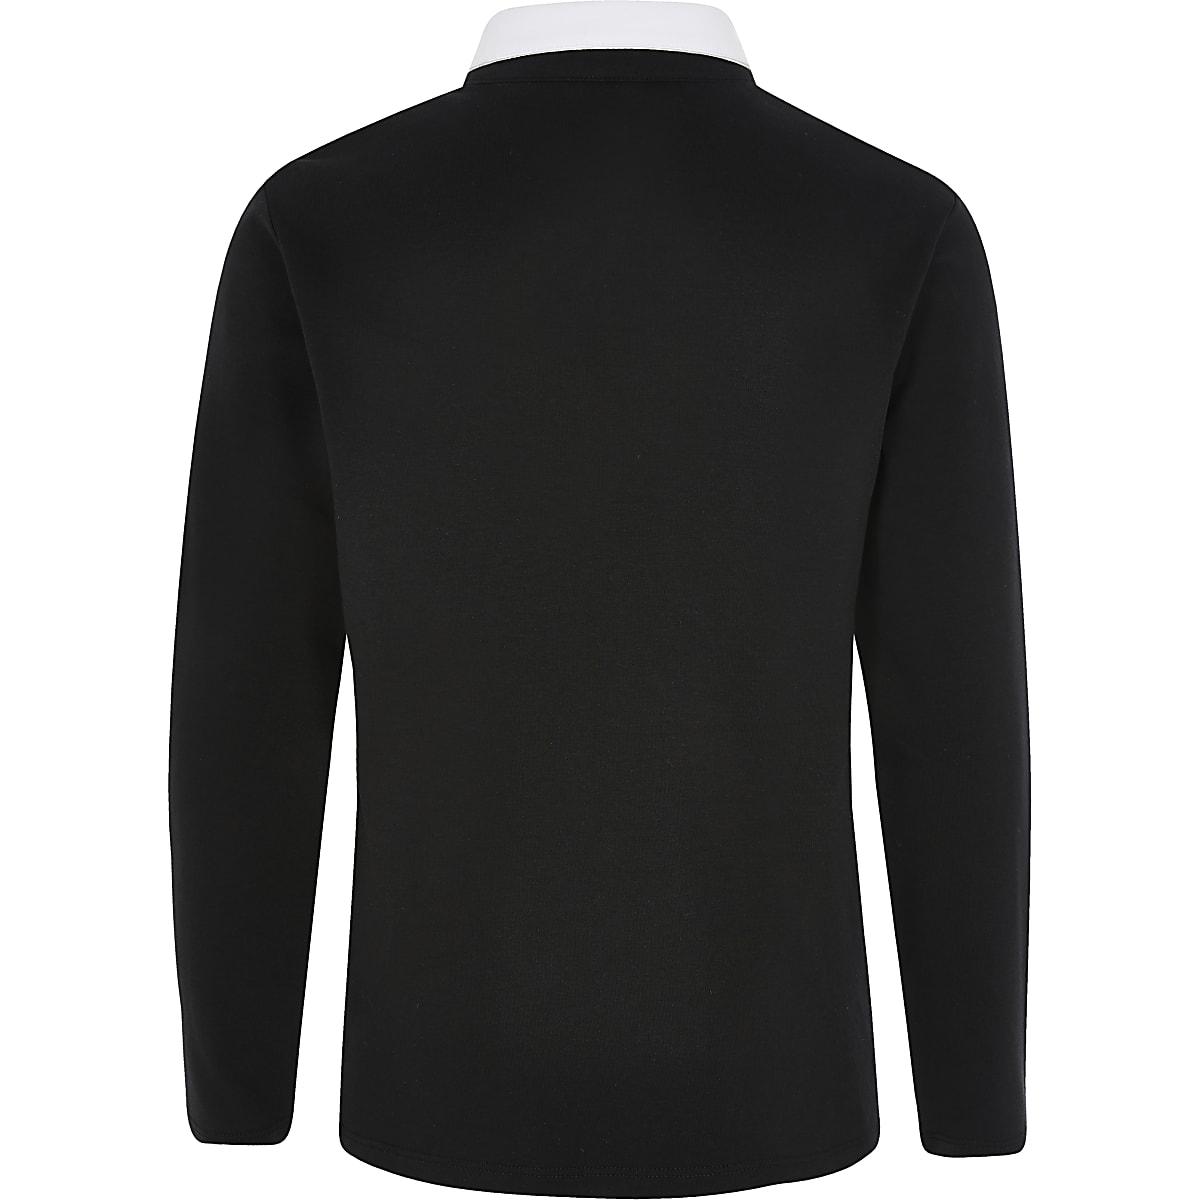 fef97699 Boys black R96 rugby shirt - Polo Shirts - boys